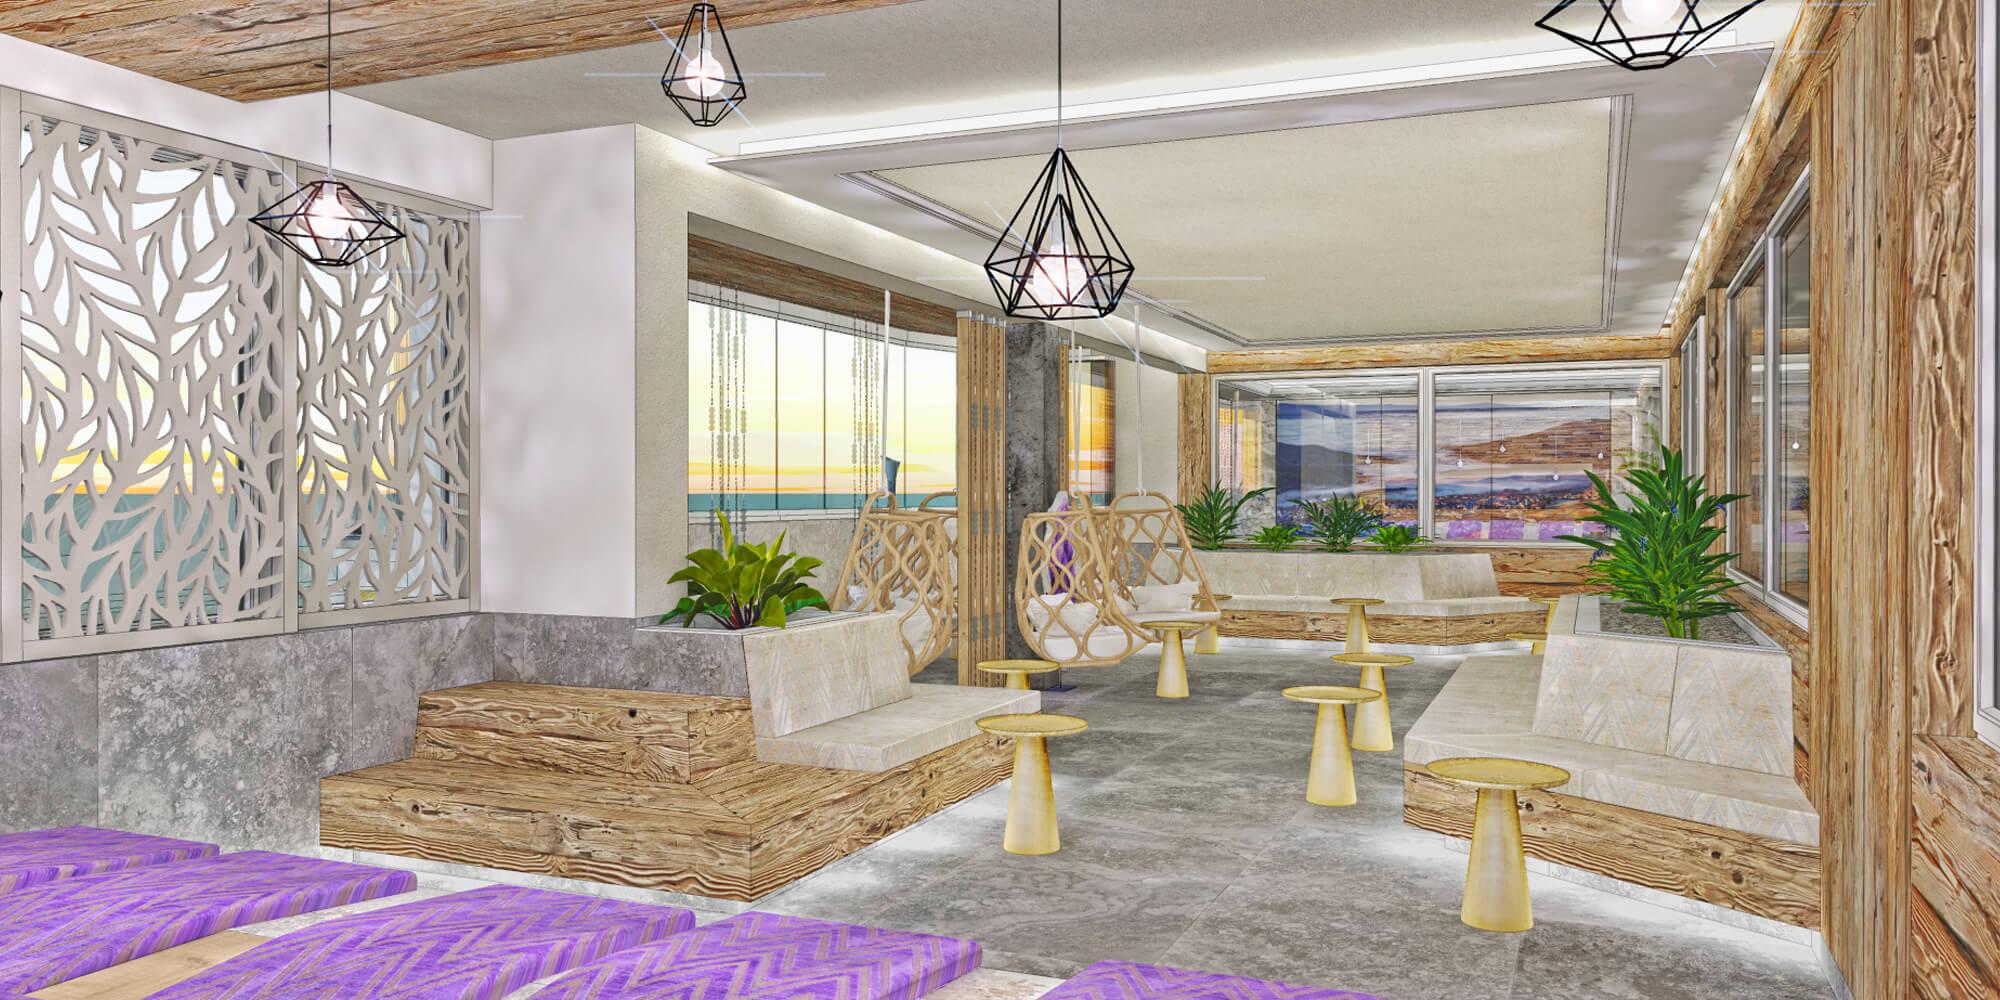 Crea-Plan-Design-Rauch-Frühmann-Architektur-Innenarchitektur-Design-Projekt-Referenz-Hotelerie-Gastronomie-Hotel-Bergknappenhof-Freiluftbereich-1